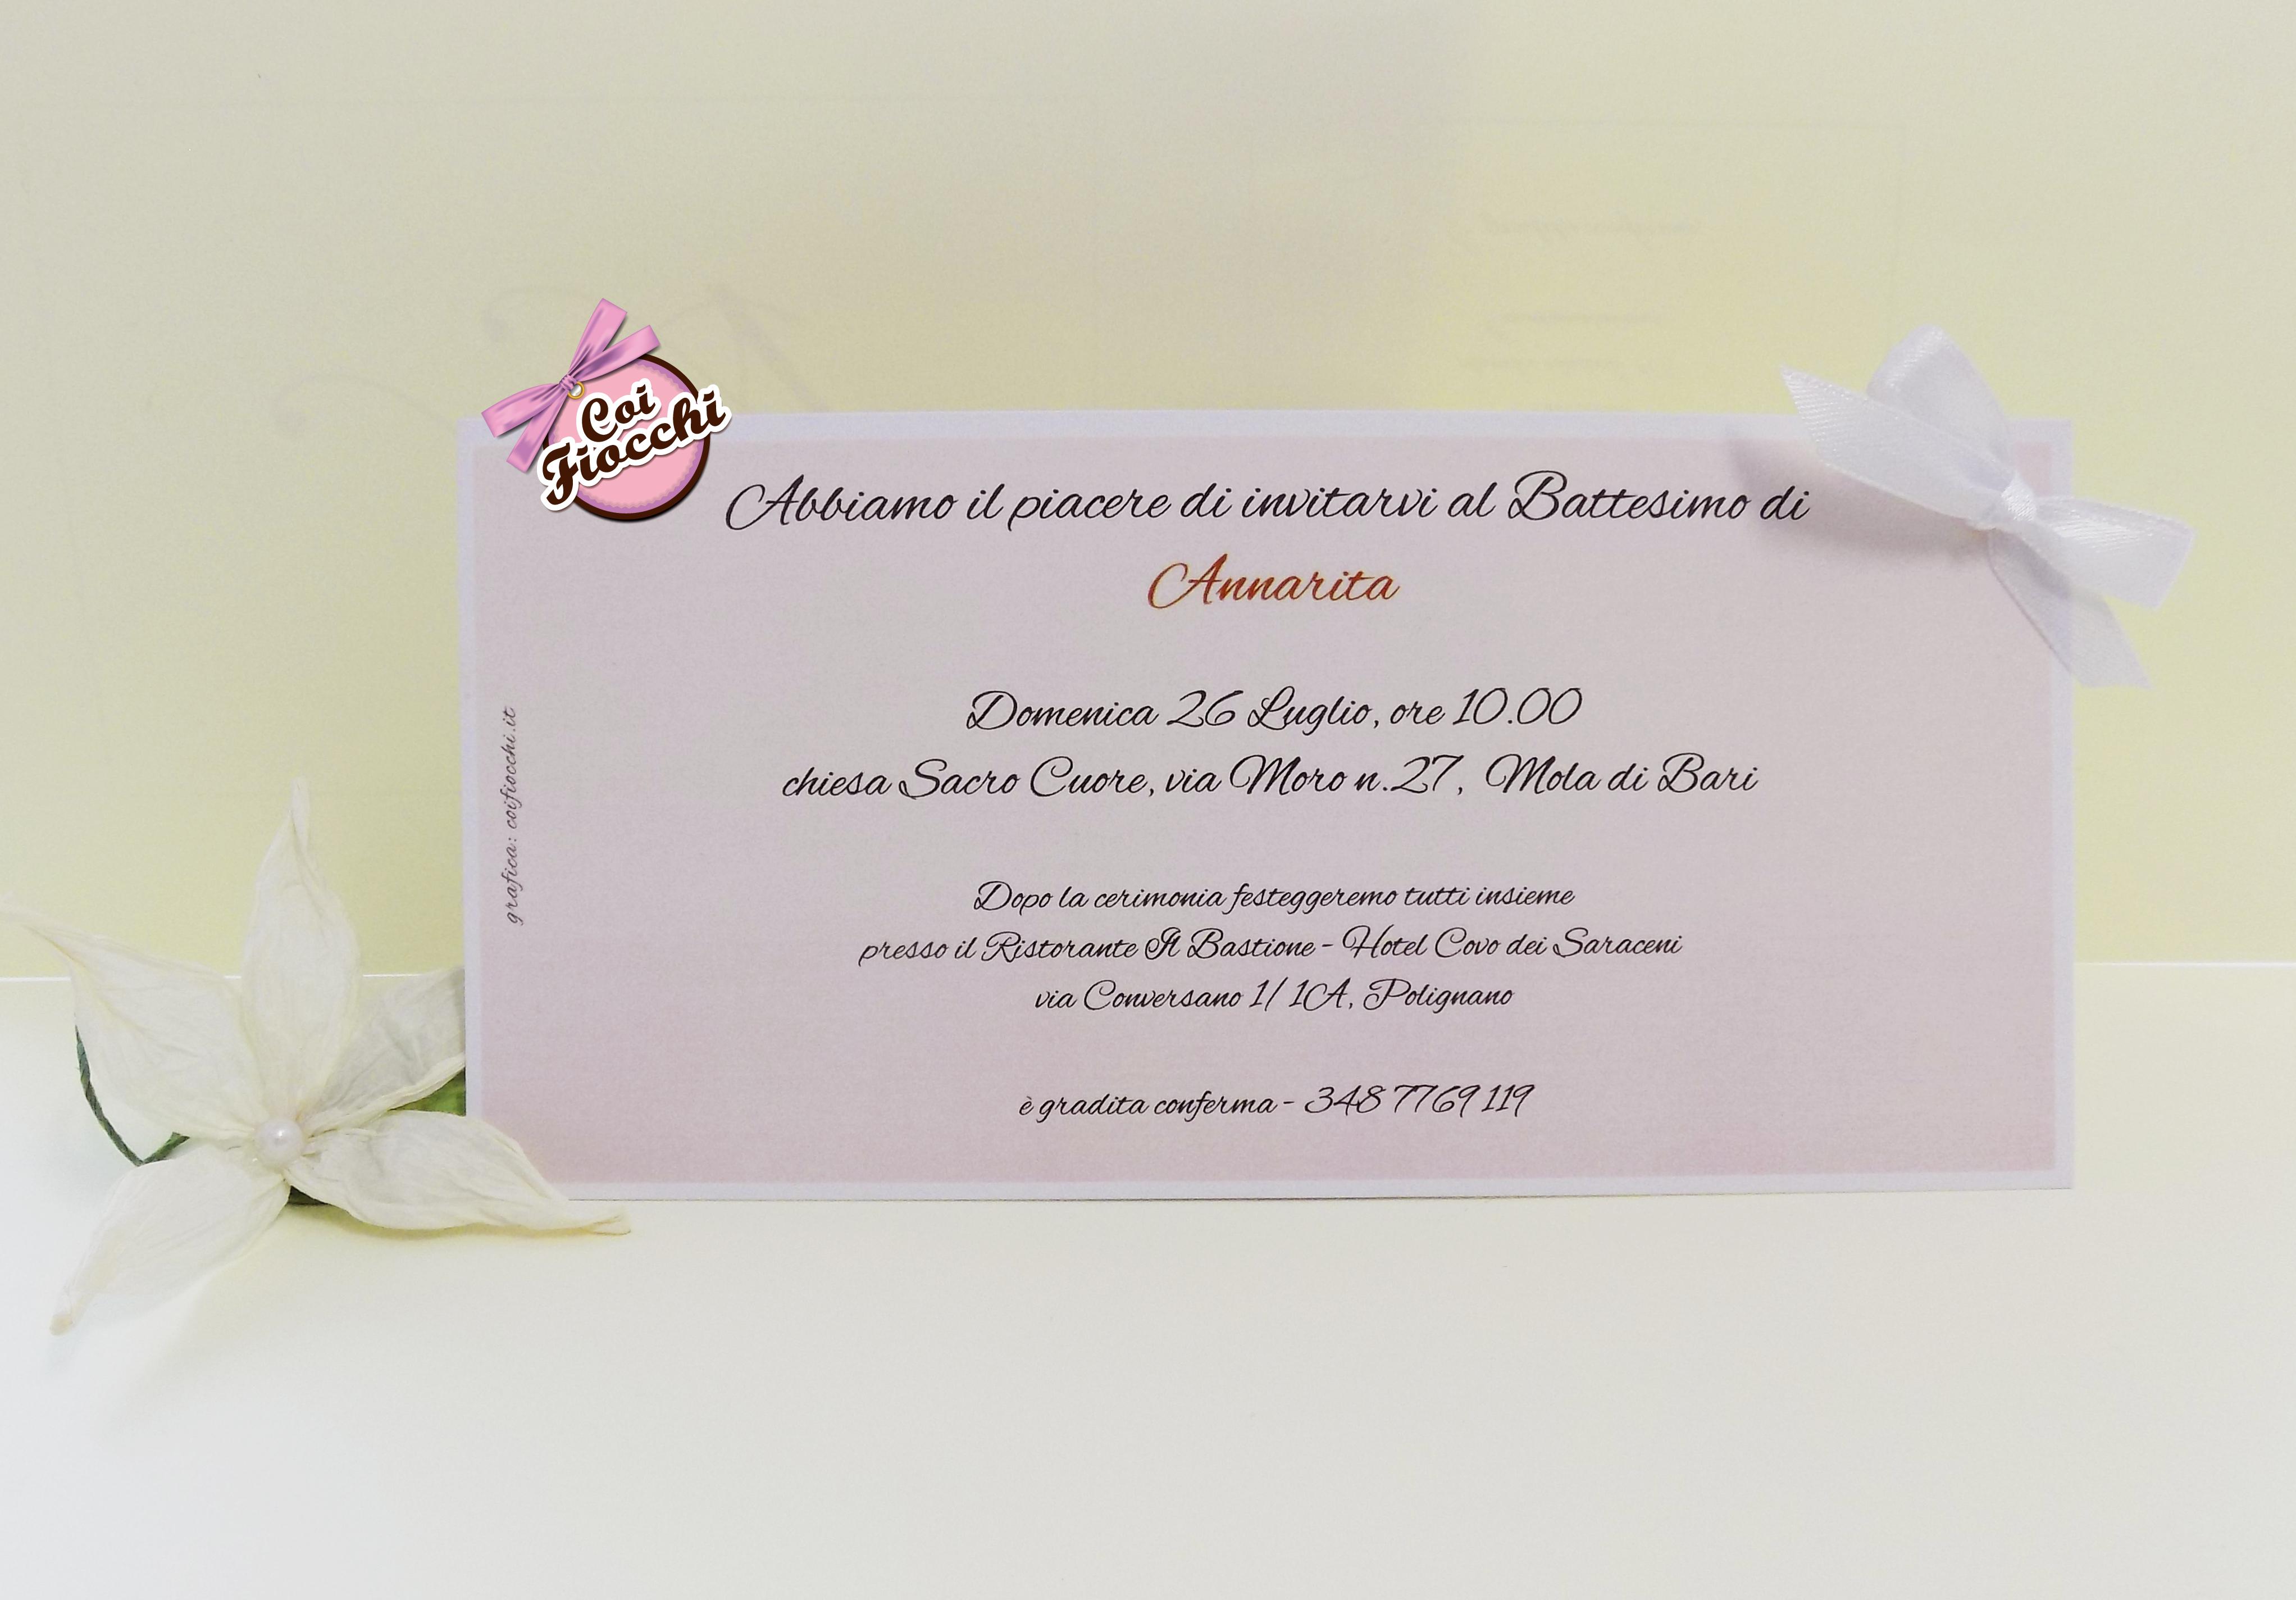 invito-di-battesimo-classico-per-bimba-coi-fiocchi-wedding-design